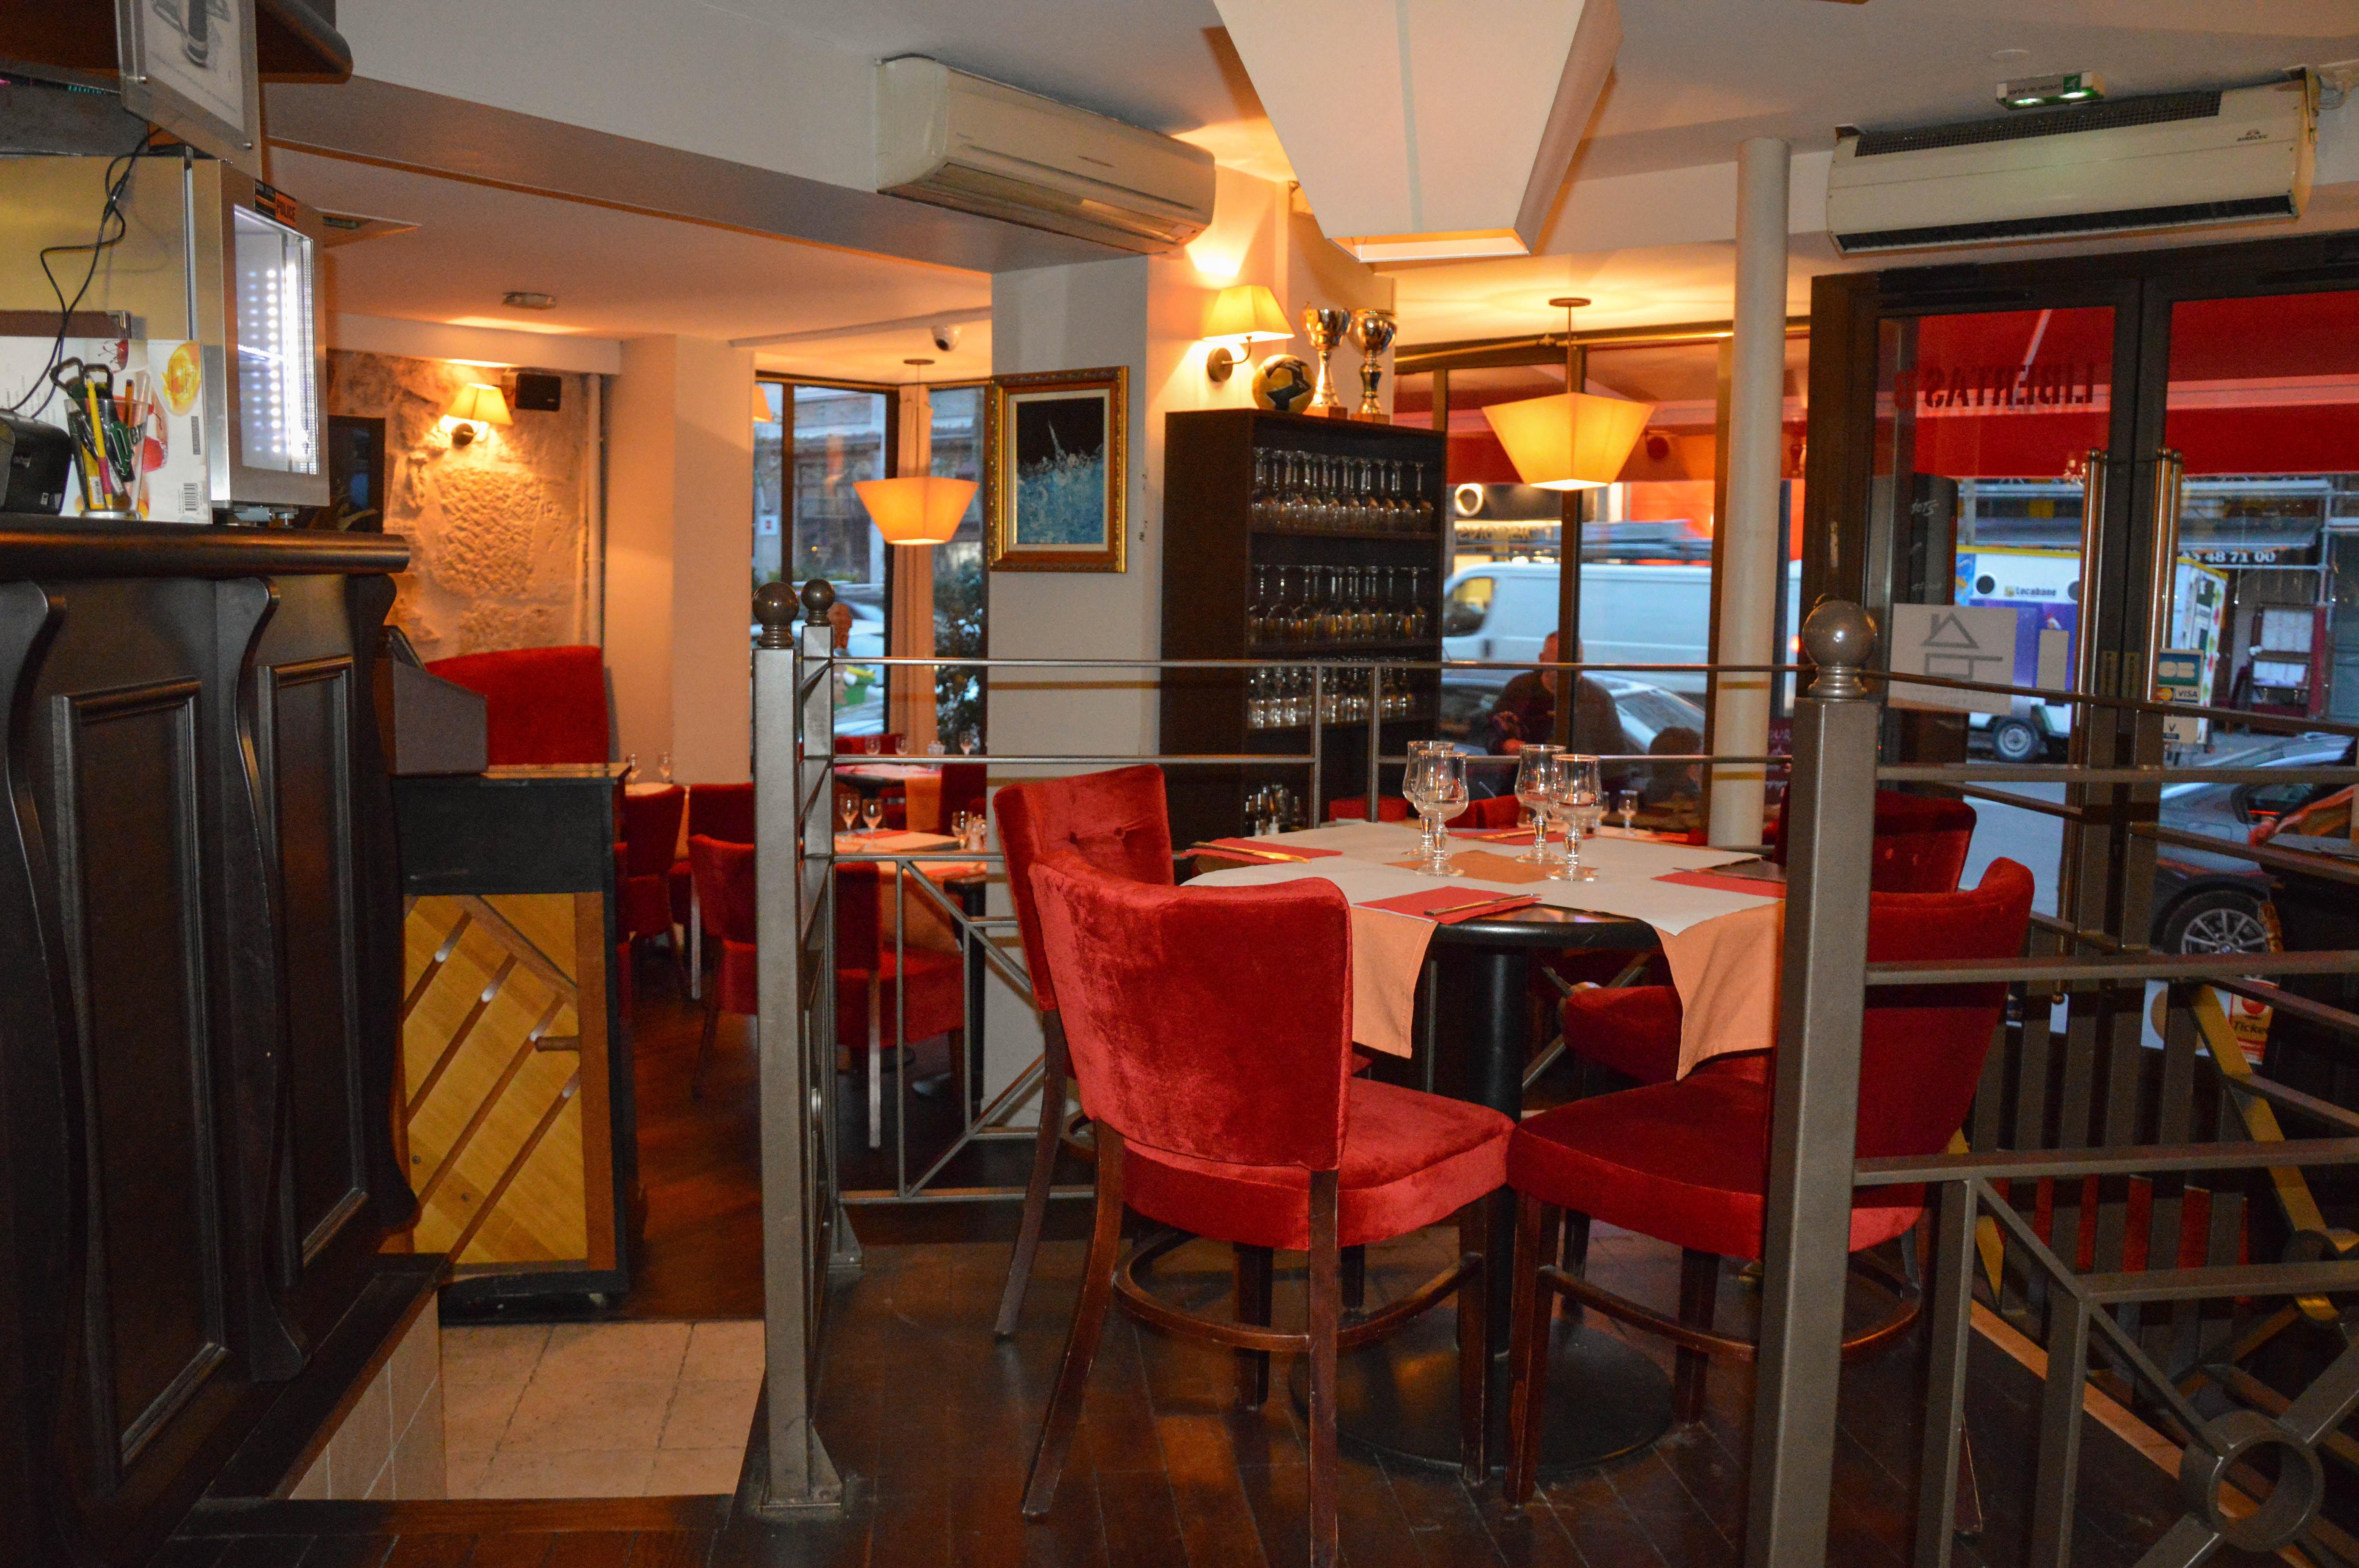 Restaurant | France | Les Barjots Restaurant Paris Cuisine Fait Maison